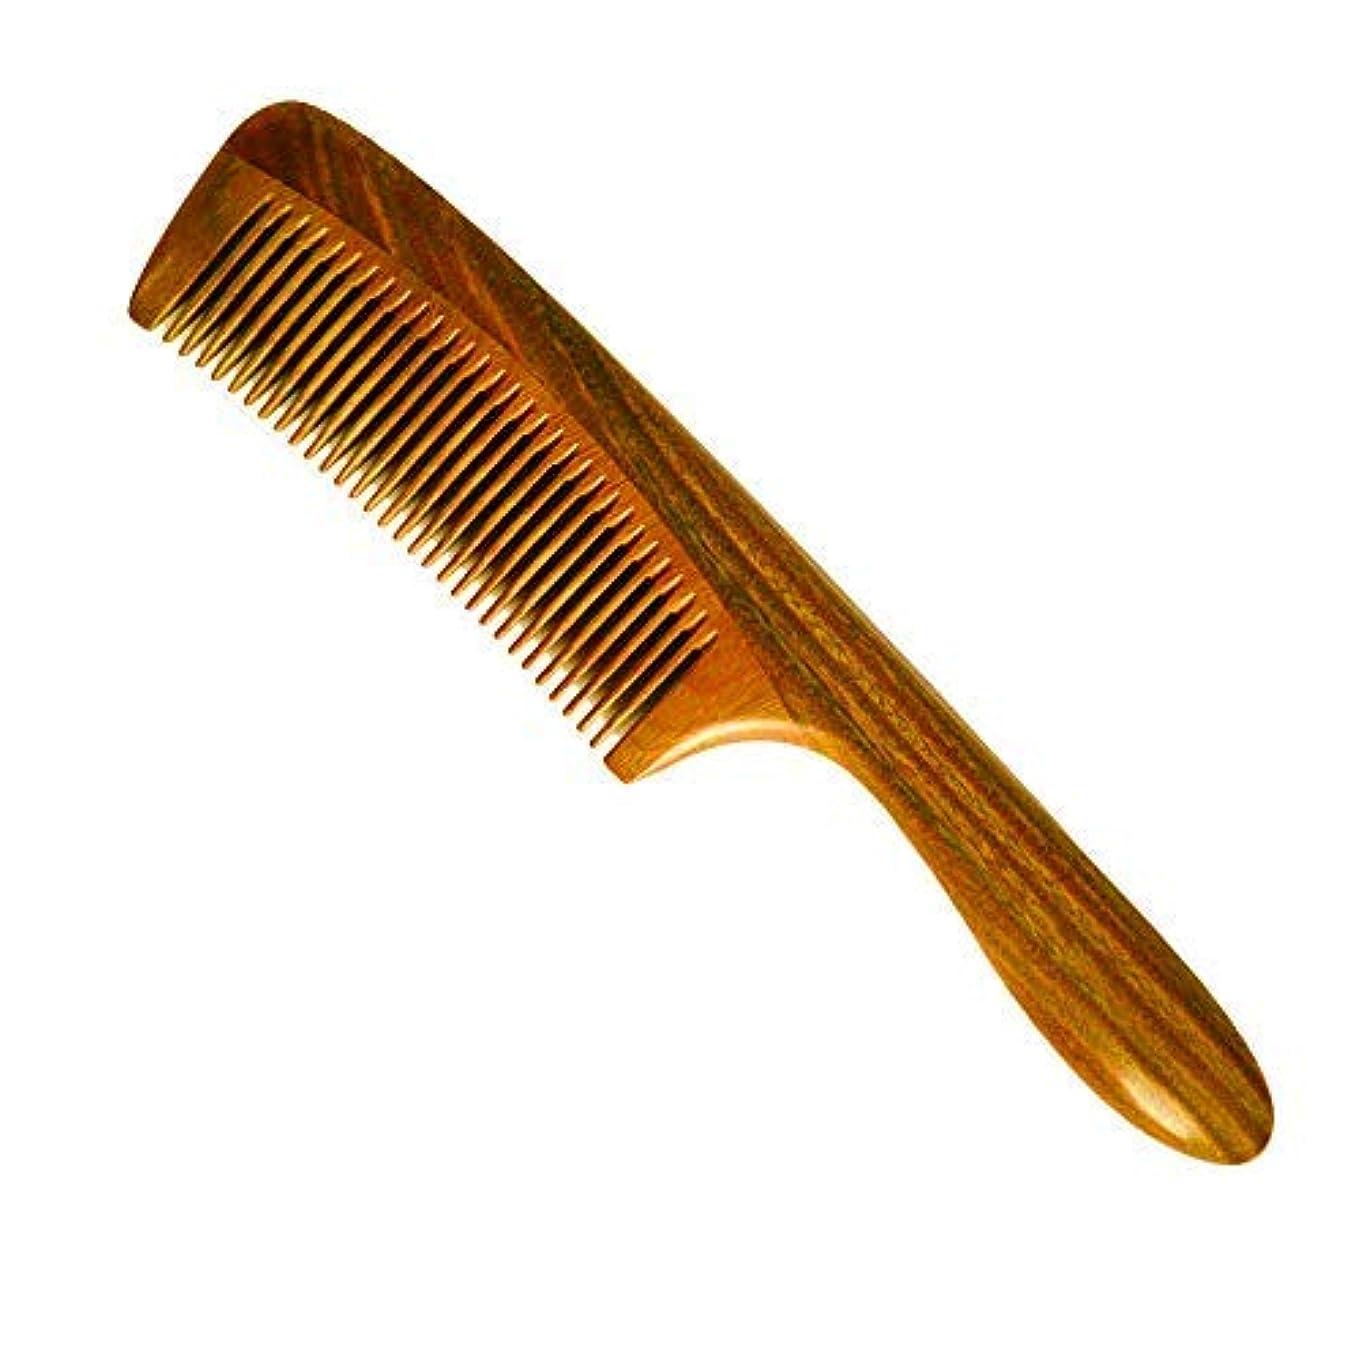 安価な行うあごひげHair Comb, Wooden Comb Tooth And Fine Tooth Wood Comb,Green Sandalwood, Women and Men Hair Combs (MR04) [並行輸入品]